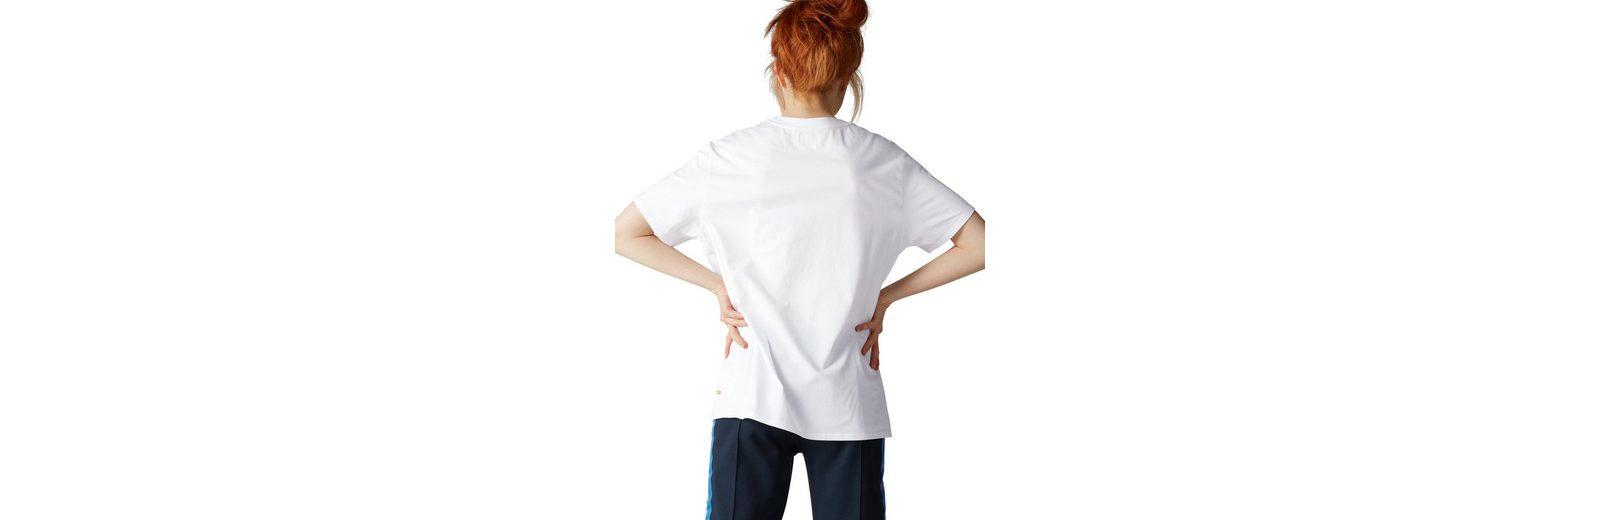 Marc O'Polo DENIM T-Shirt Verkauf Für Billig Schnelle Lieferung Günstig Online Ausgezeichnet Billig Finden Große Z7jYo